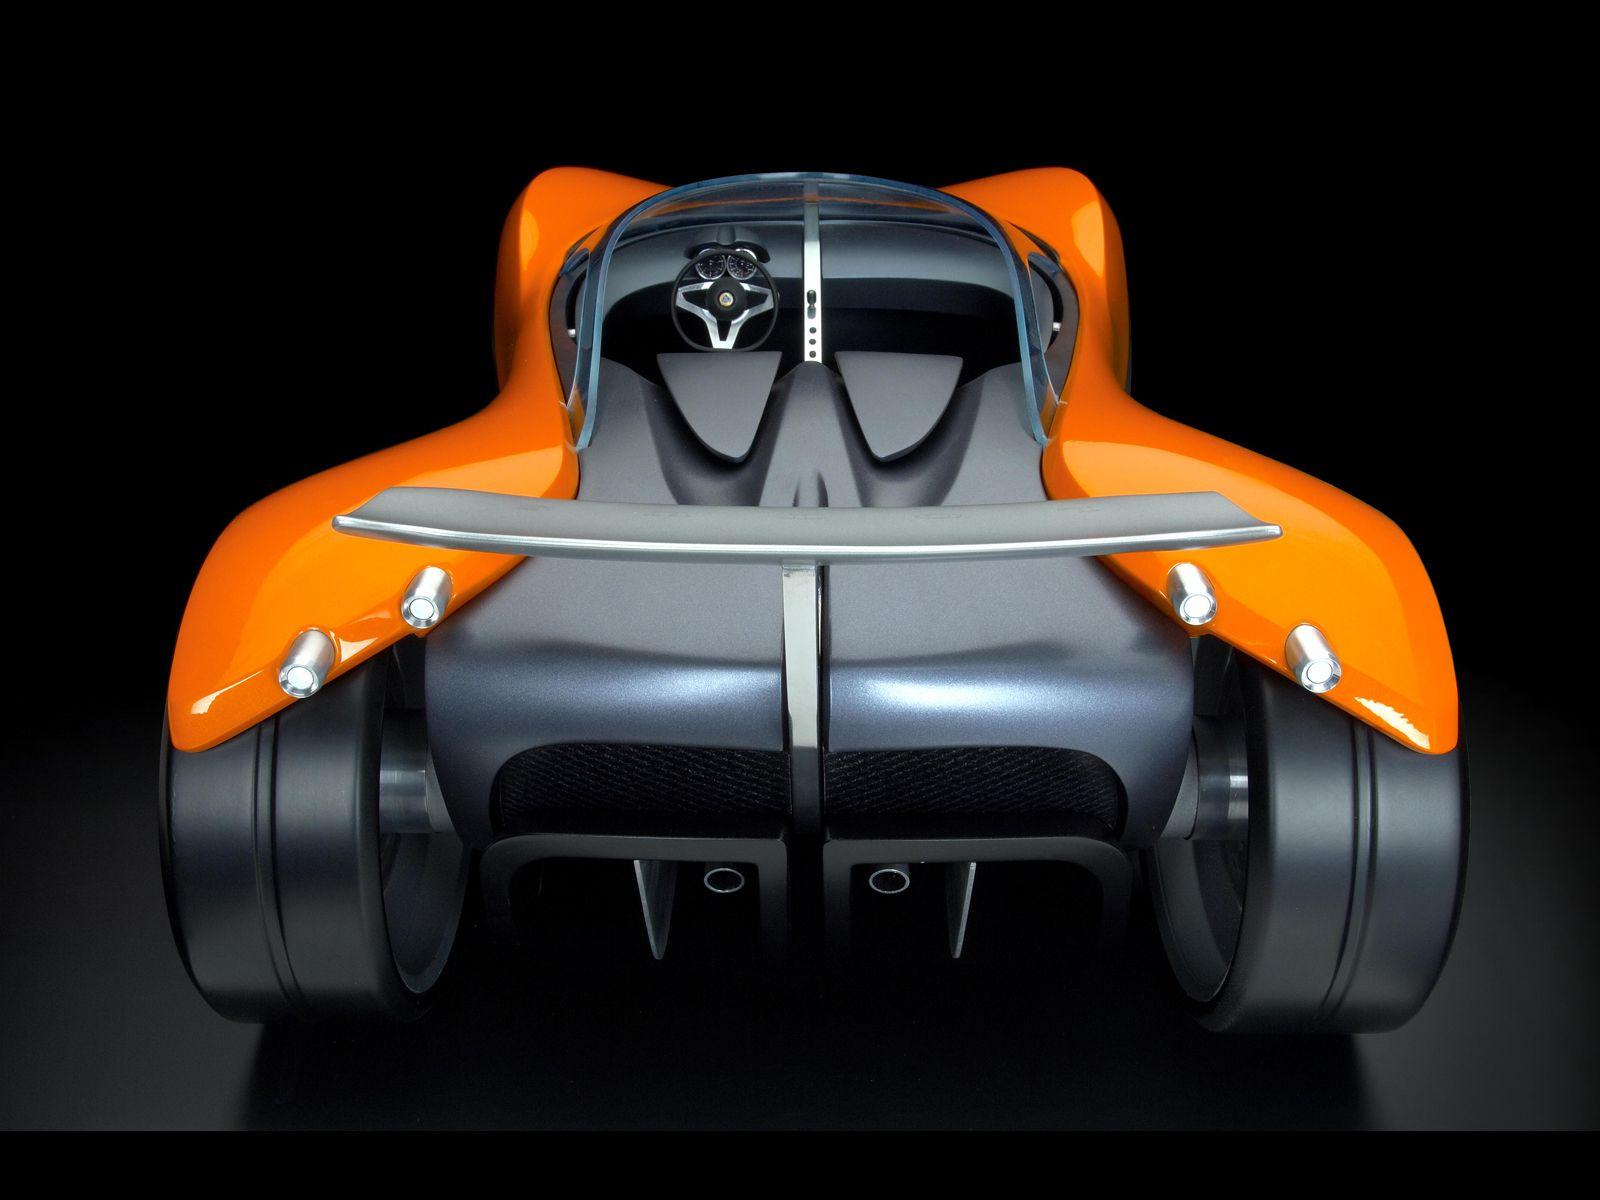 http://2.bp.blogspot.com/_yz8GU9LOiog/TOFsFtSFMpI/AAAAAAAAApw/98yInDTkOKo/s1600/lotus-hot-wheels-concept-07.jpg